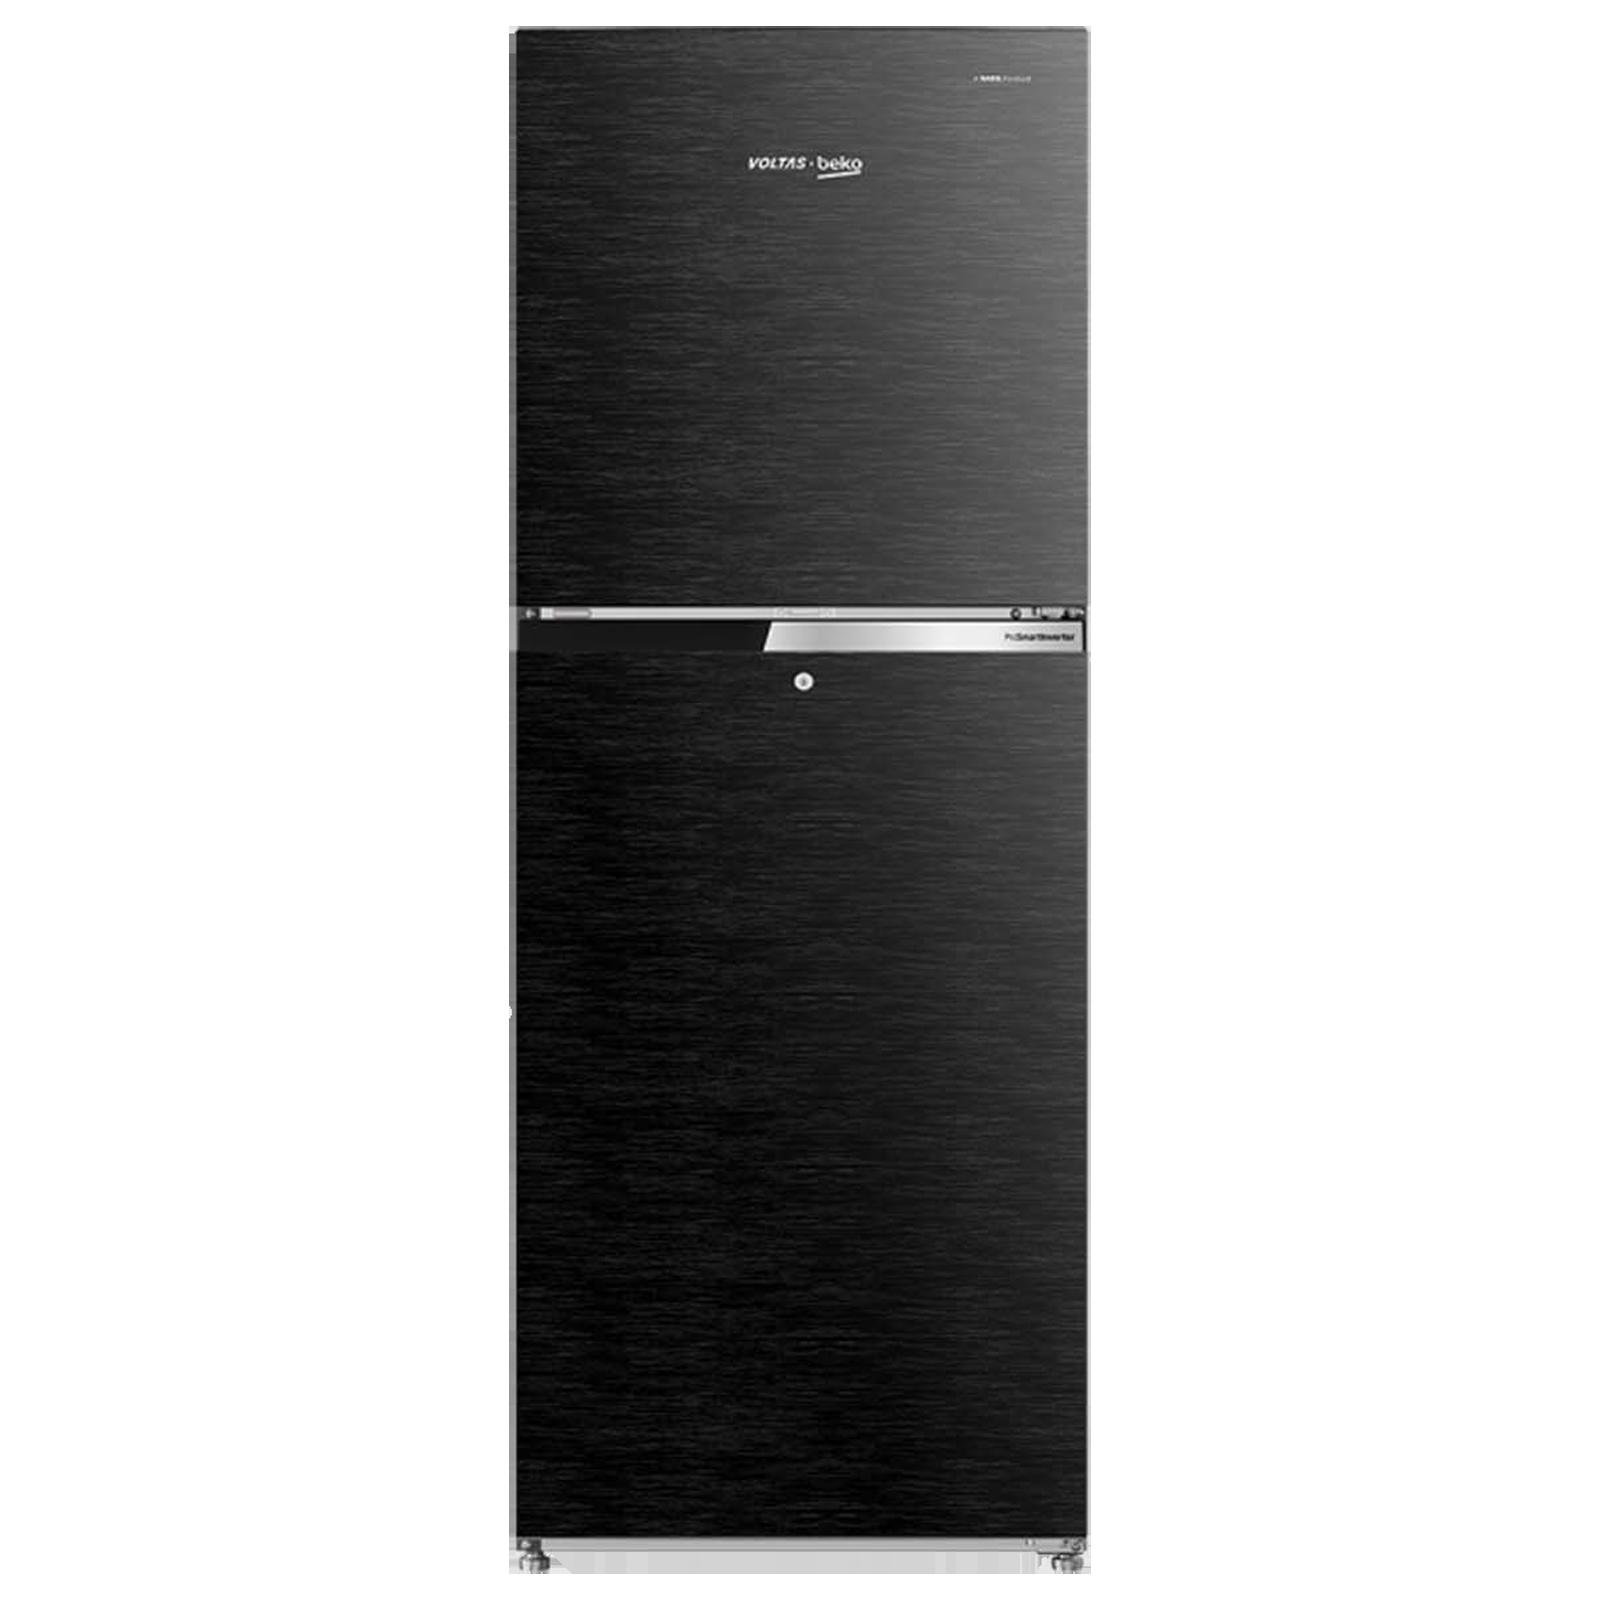 Voltas Beko 251 Litres 2 Star ProSmart Inverter Double Door Refrigerator (Neo Frost Dual Cooling, RFF2753XBC, Wooden Black)_1